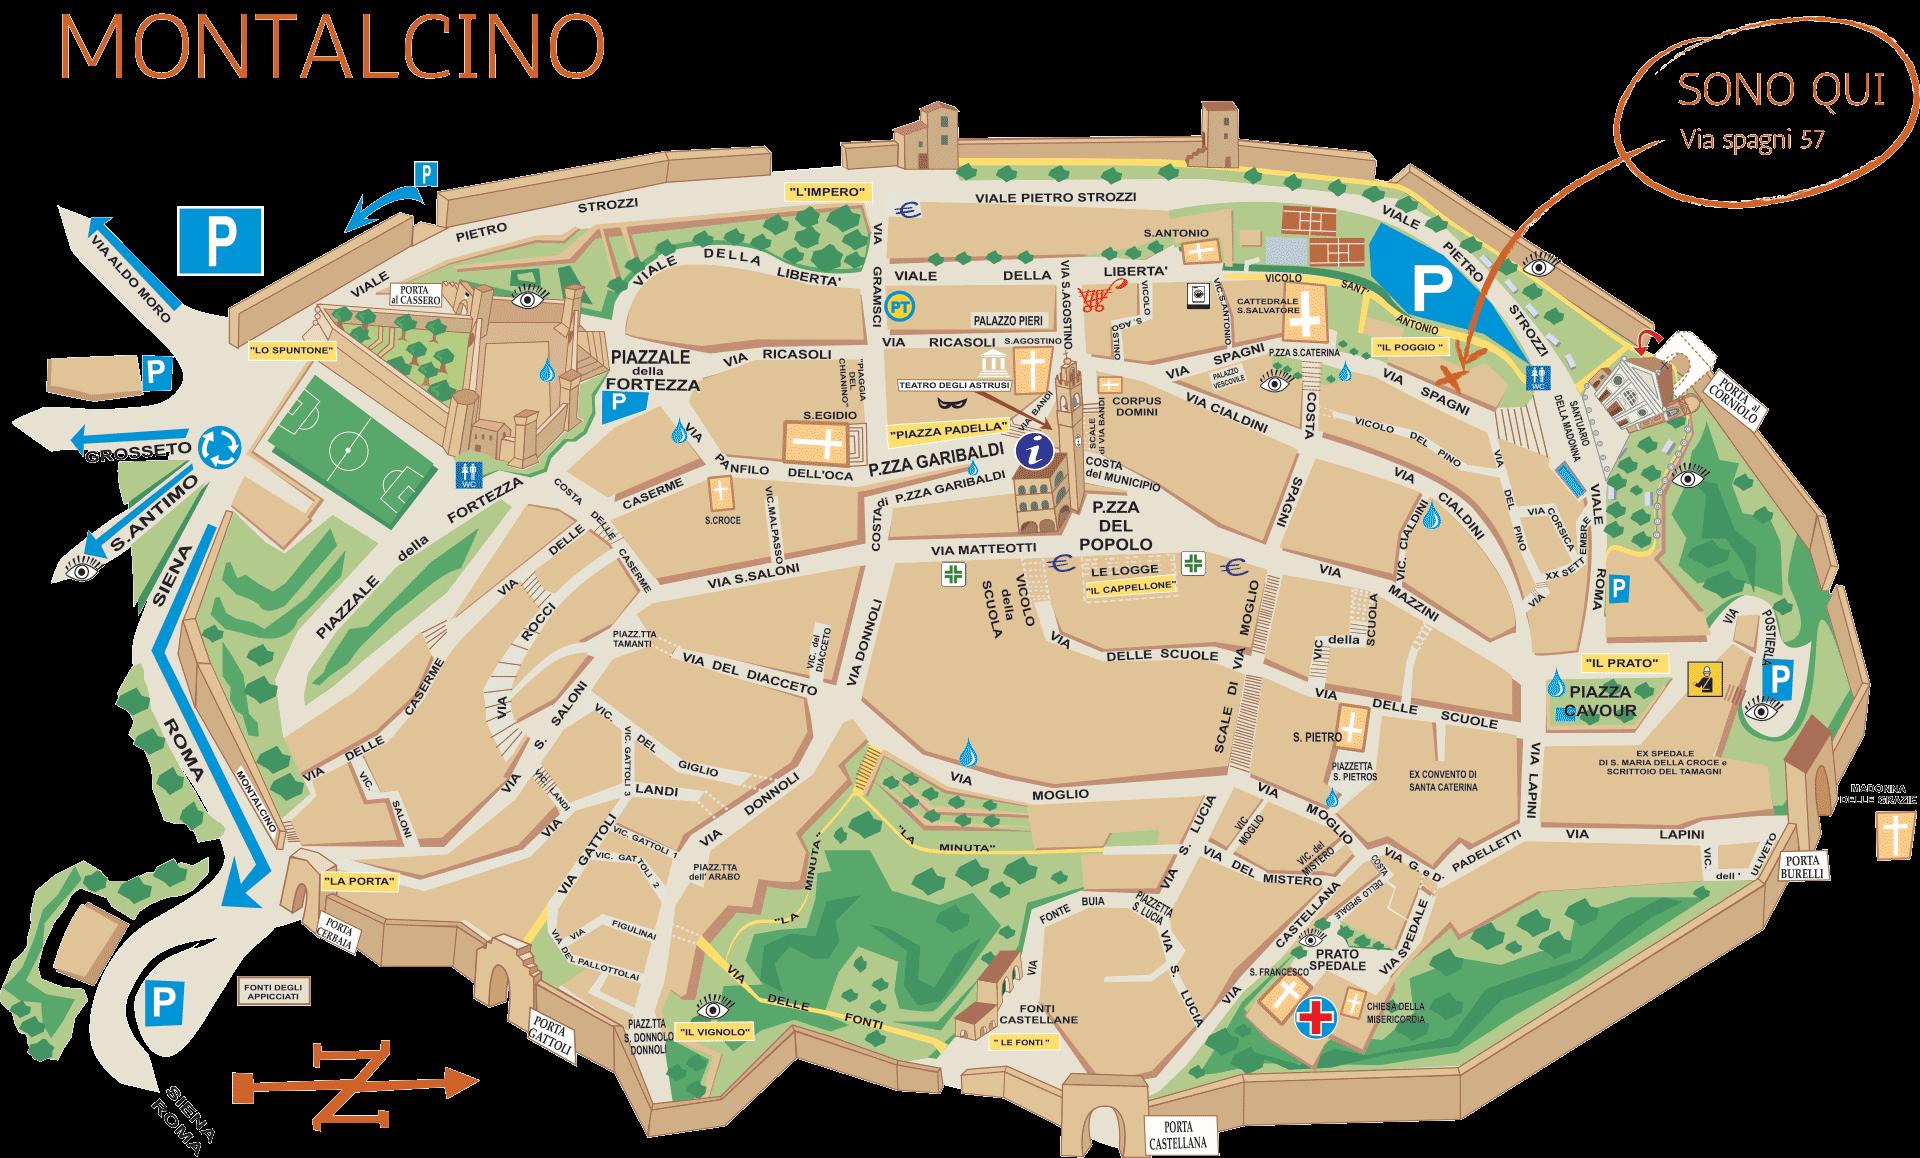 Cartina di Montalcino - Carlotta Parisi in Via Spagni 57 (Contatti)